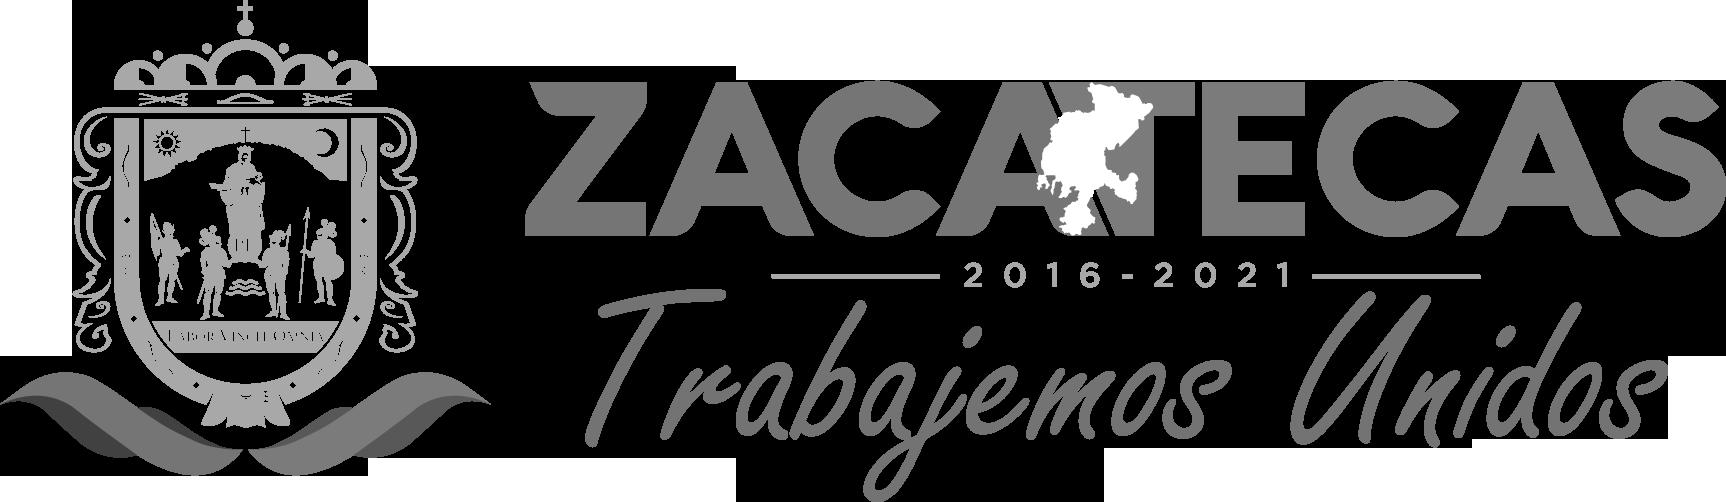 GobiernoZacatecas